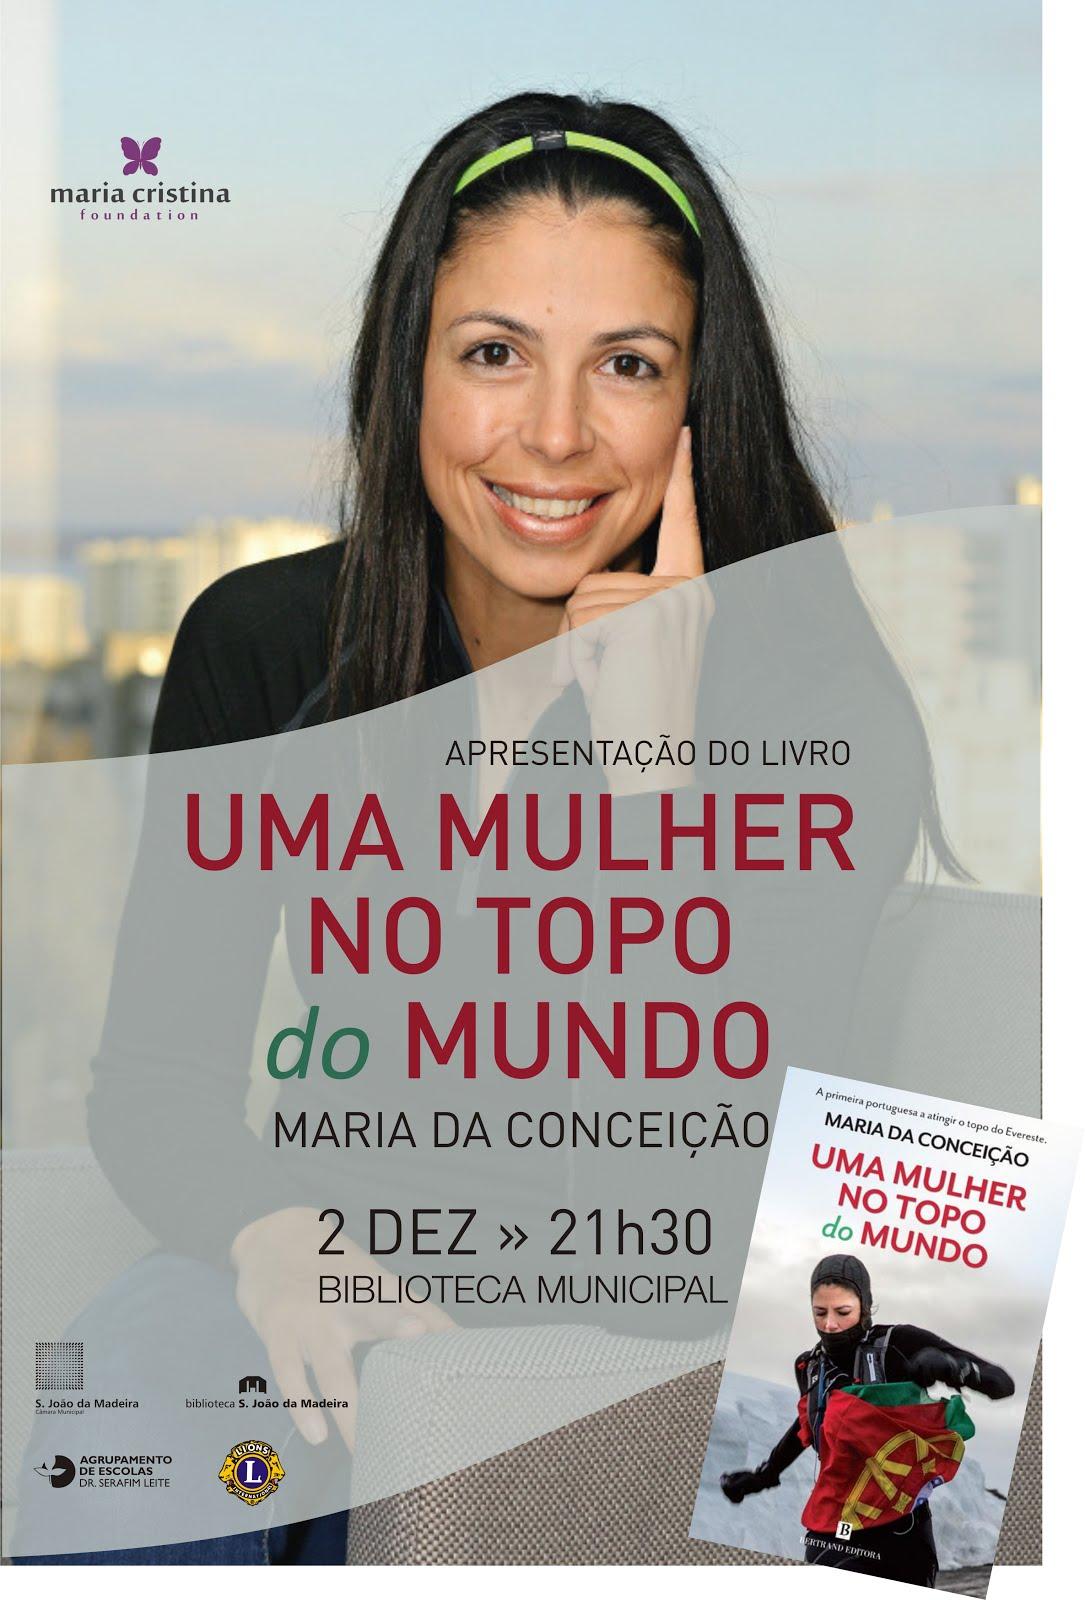 """Apresentação do livro """"Uma mulher no topo do mundo"""" de Maria da Conceição"""